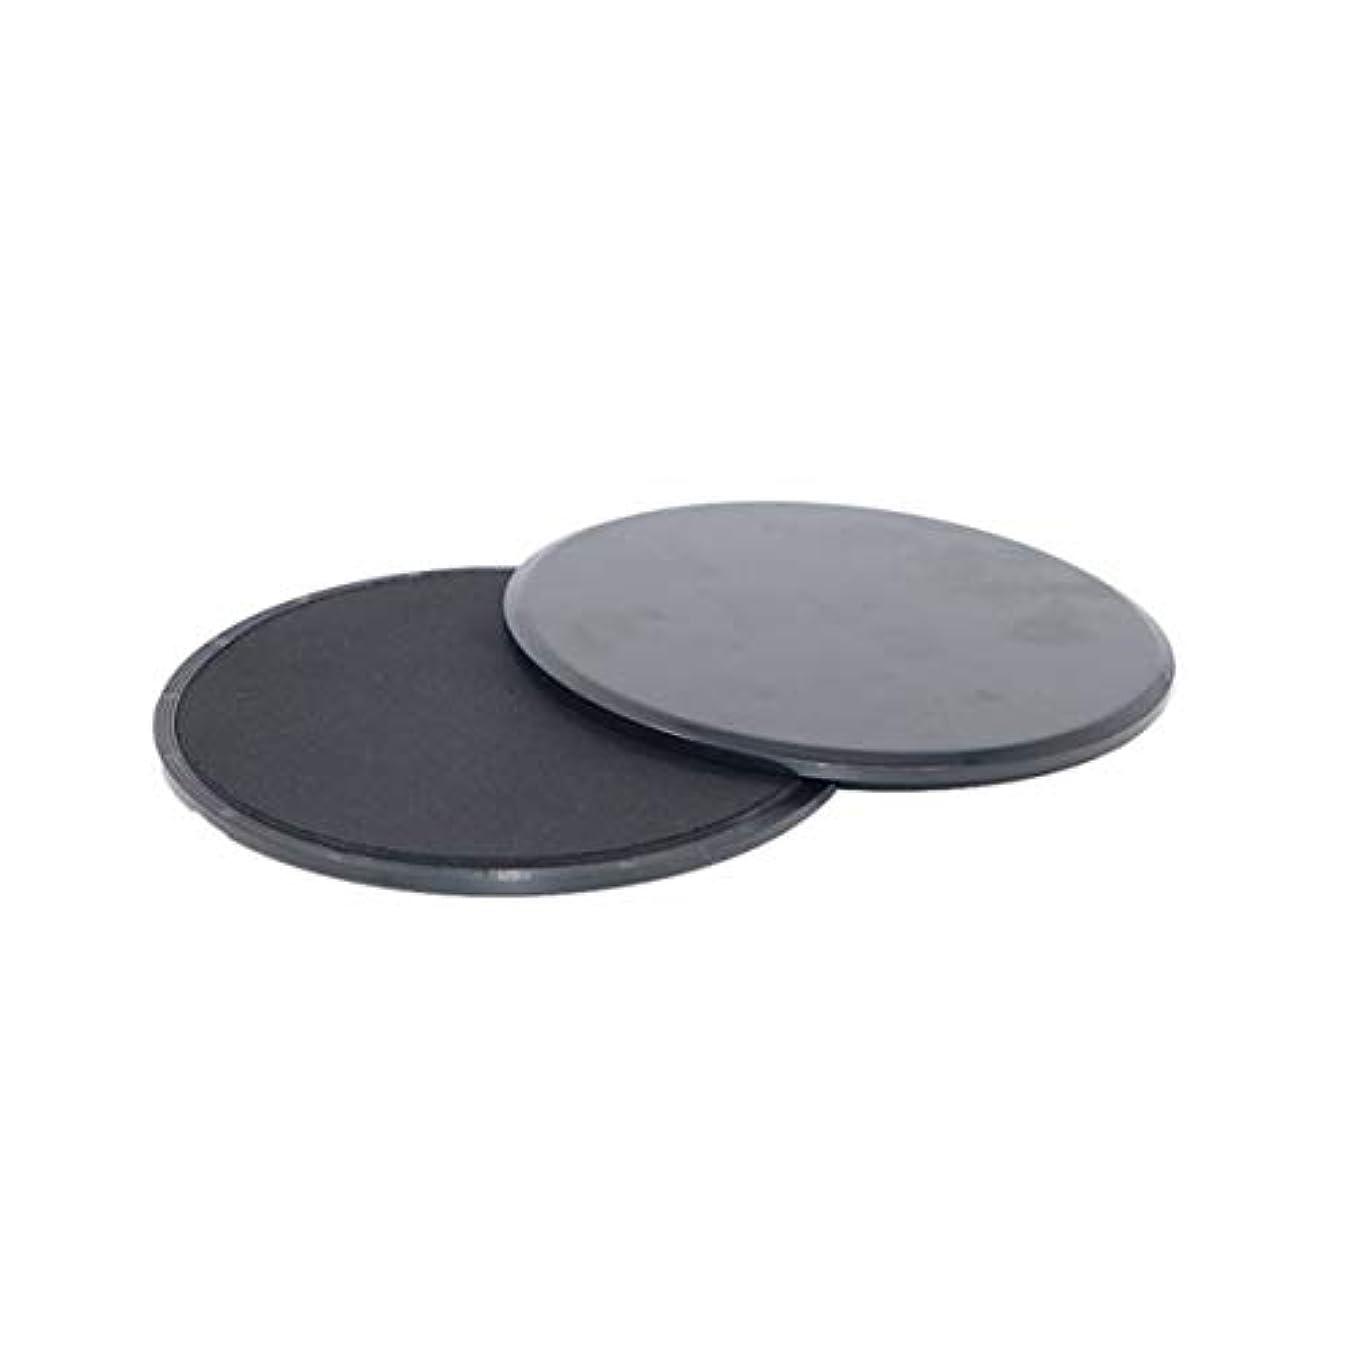 戦う漏斗行動フィットネススライドグライディングディスク調整能力フィットネスエクササイズスライダーコアトレーニング腹部と全身トレーニング用 - ブラック